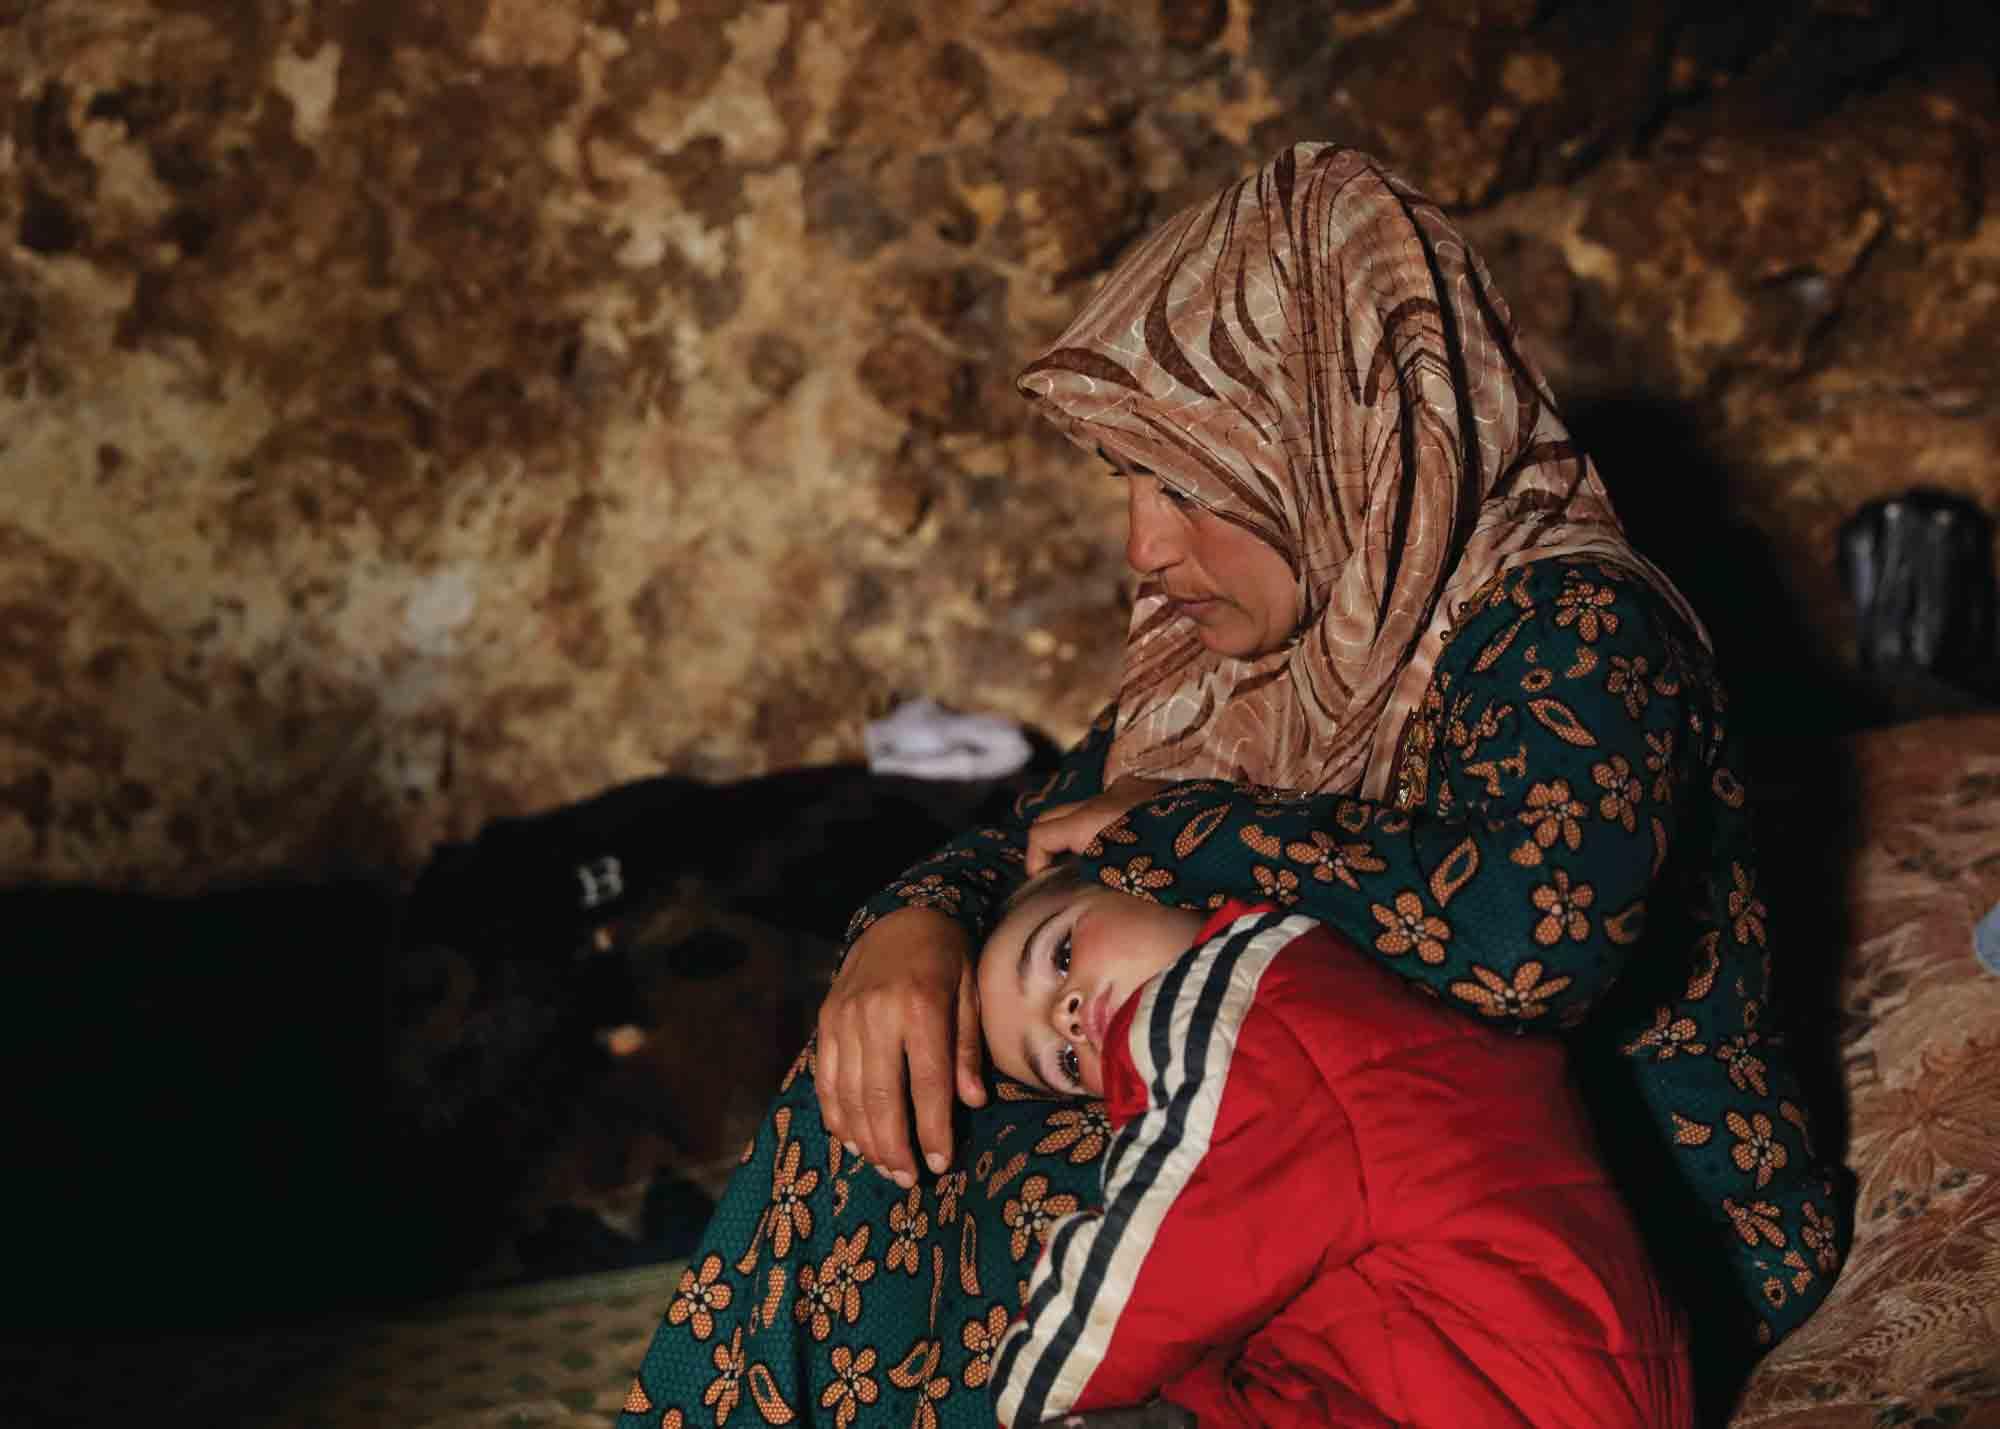 اليوم العالمي للسلام.. سوريون انهكتهم الحرب وحرموا السلام لسنوات